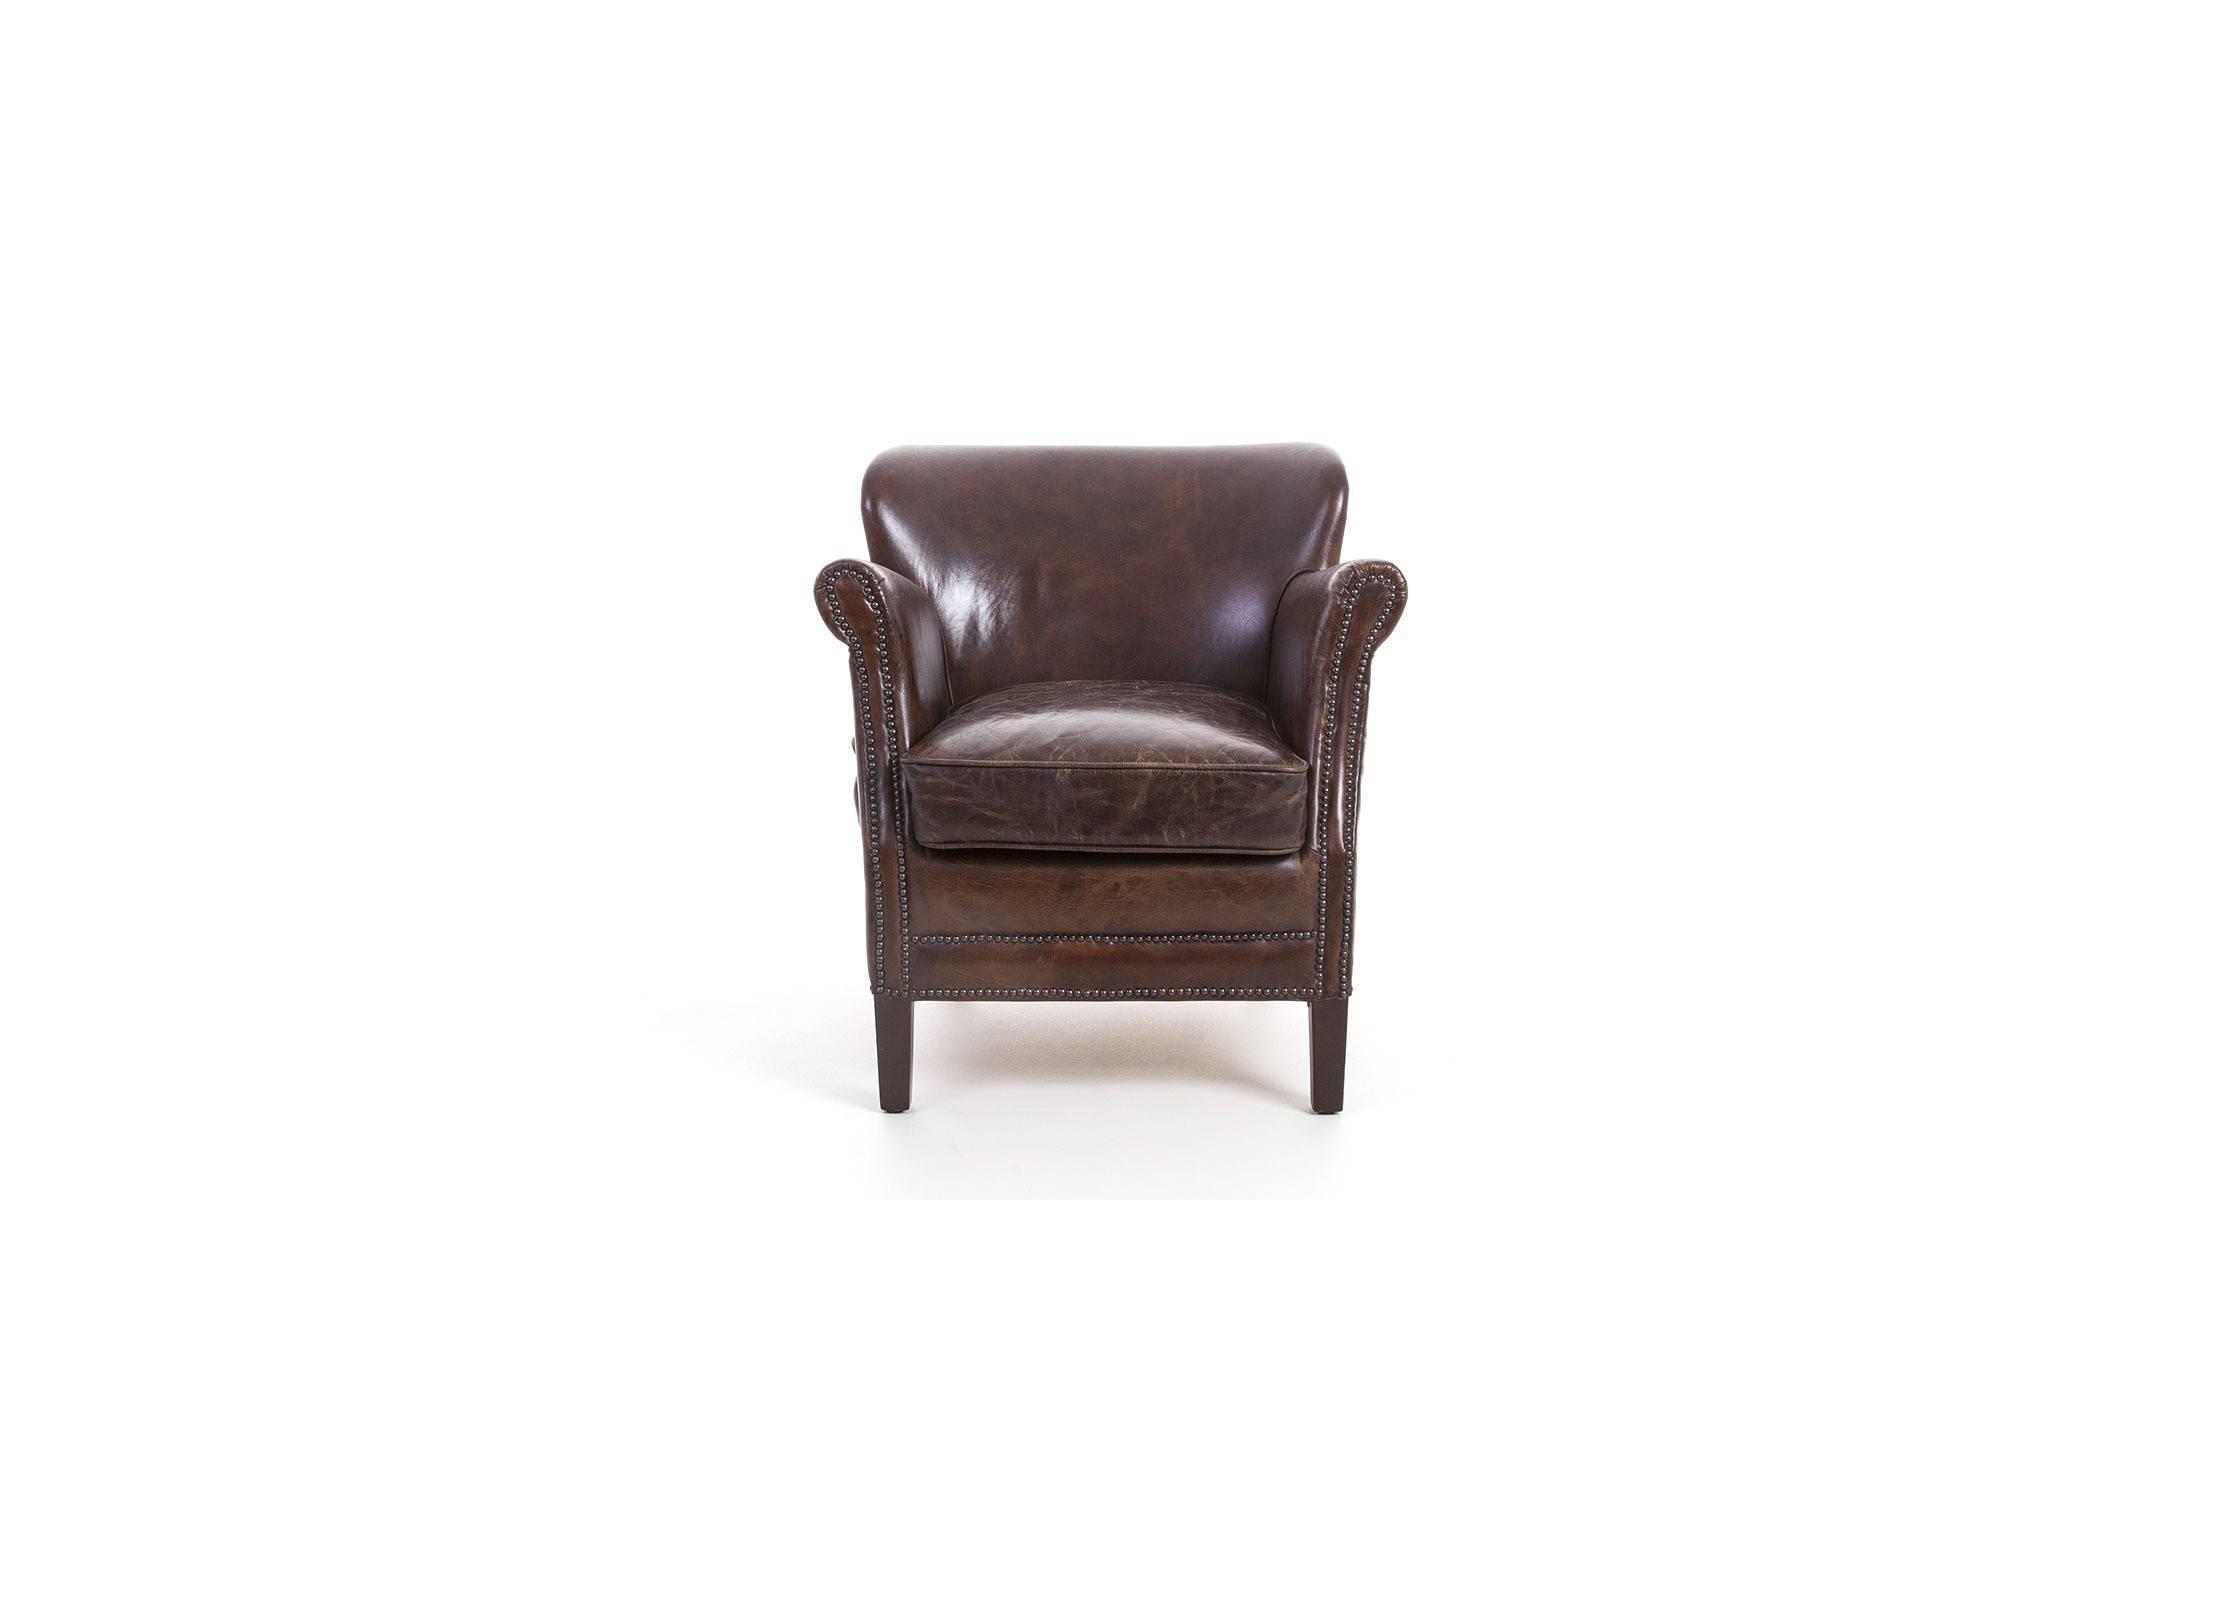 fauteuil club tolkien en cuir marron vintage. Black Bedroom Furniture Sets. Home Design Ideas